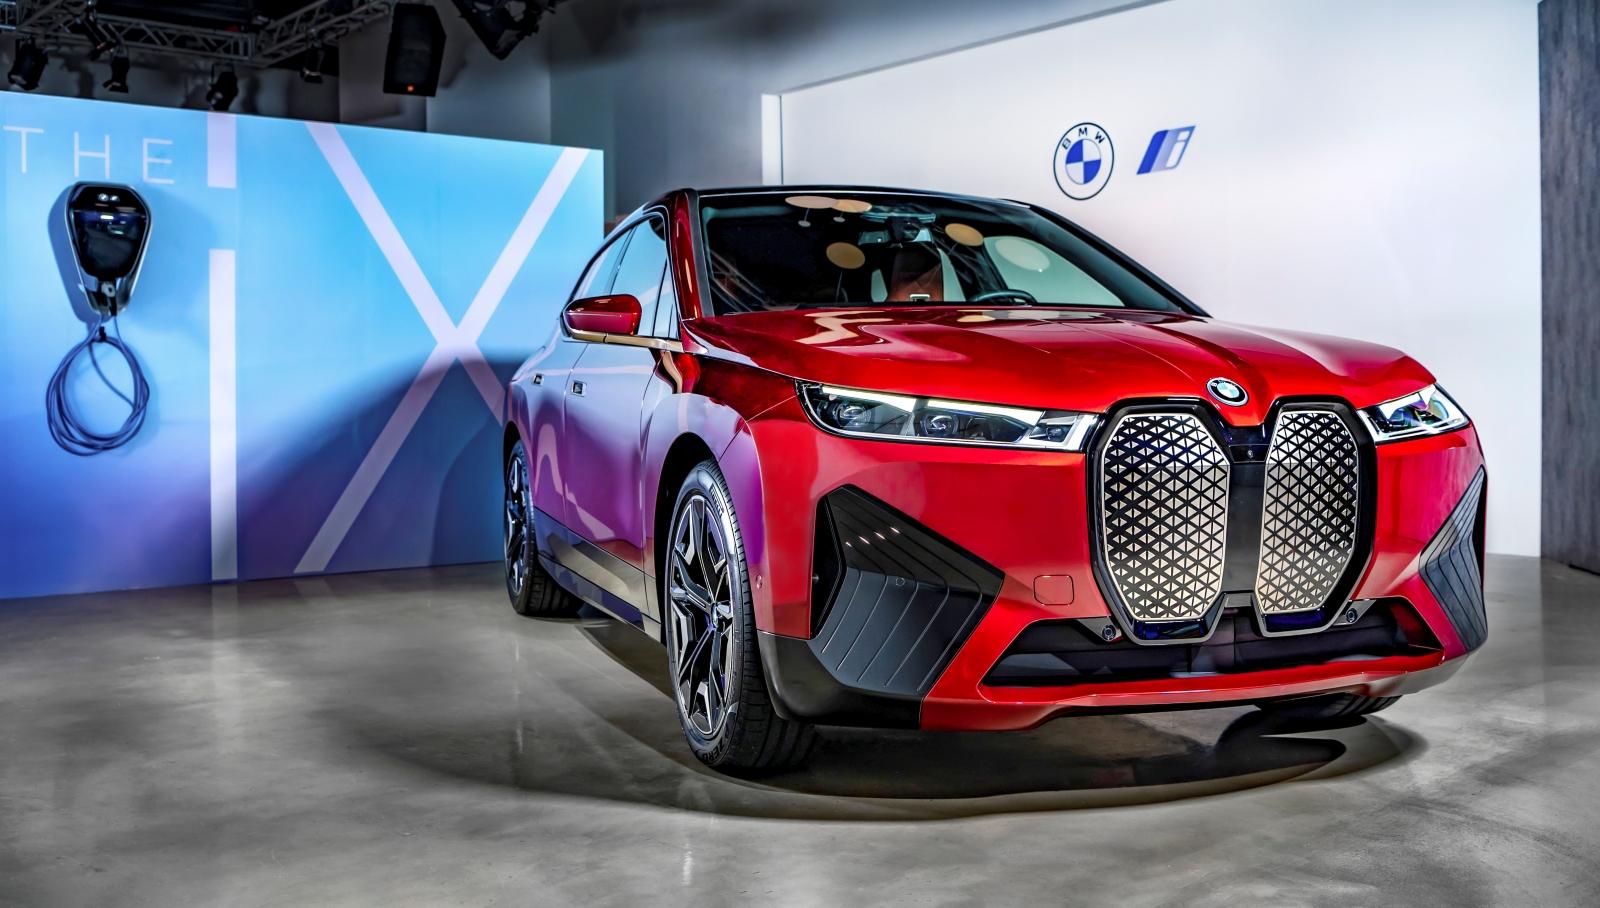 年底正式發表!BMW iX 豪華純電旗艦休旅台灣首映